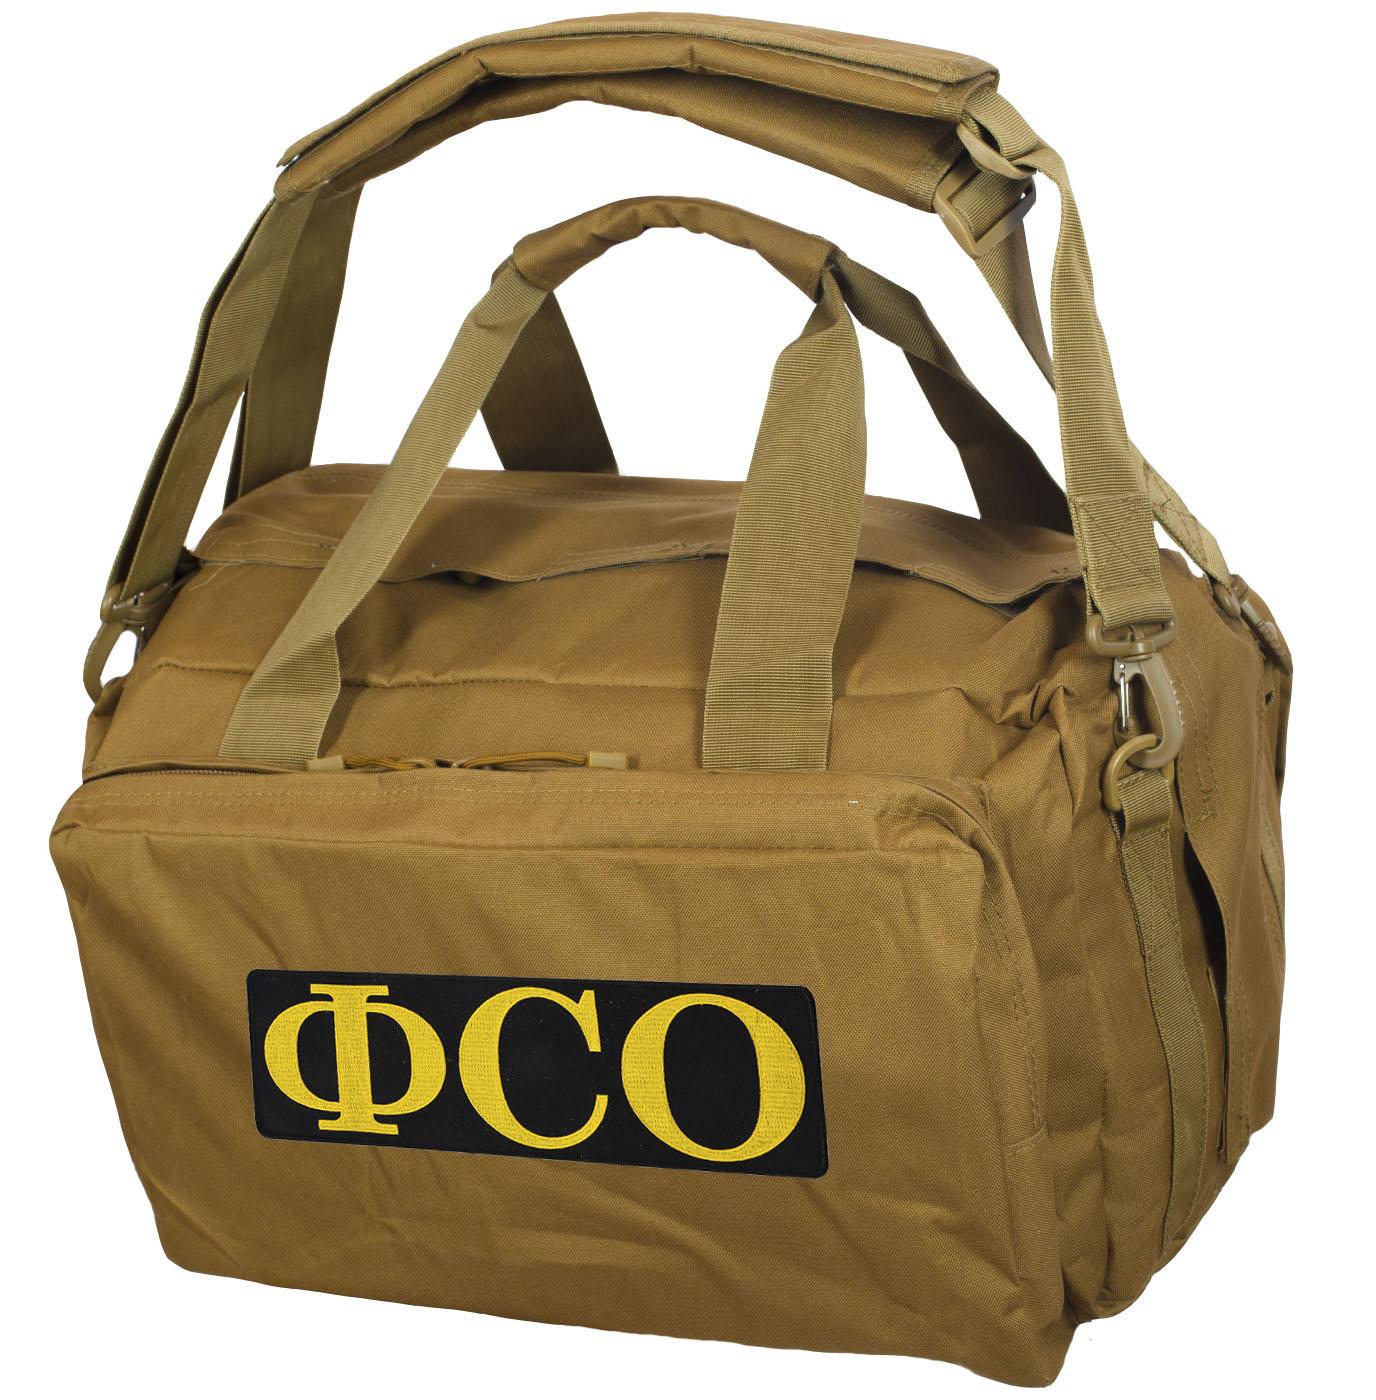 Дорожная сумка-рюкзак с нашивкой ФСО